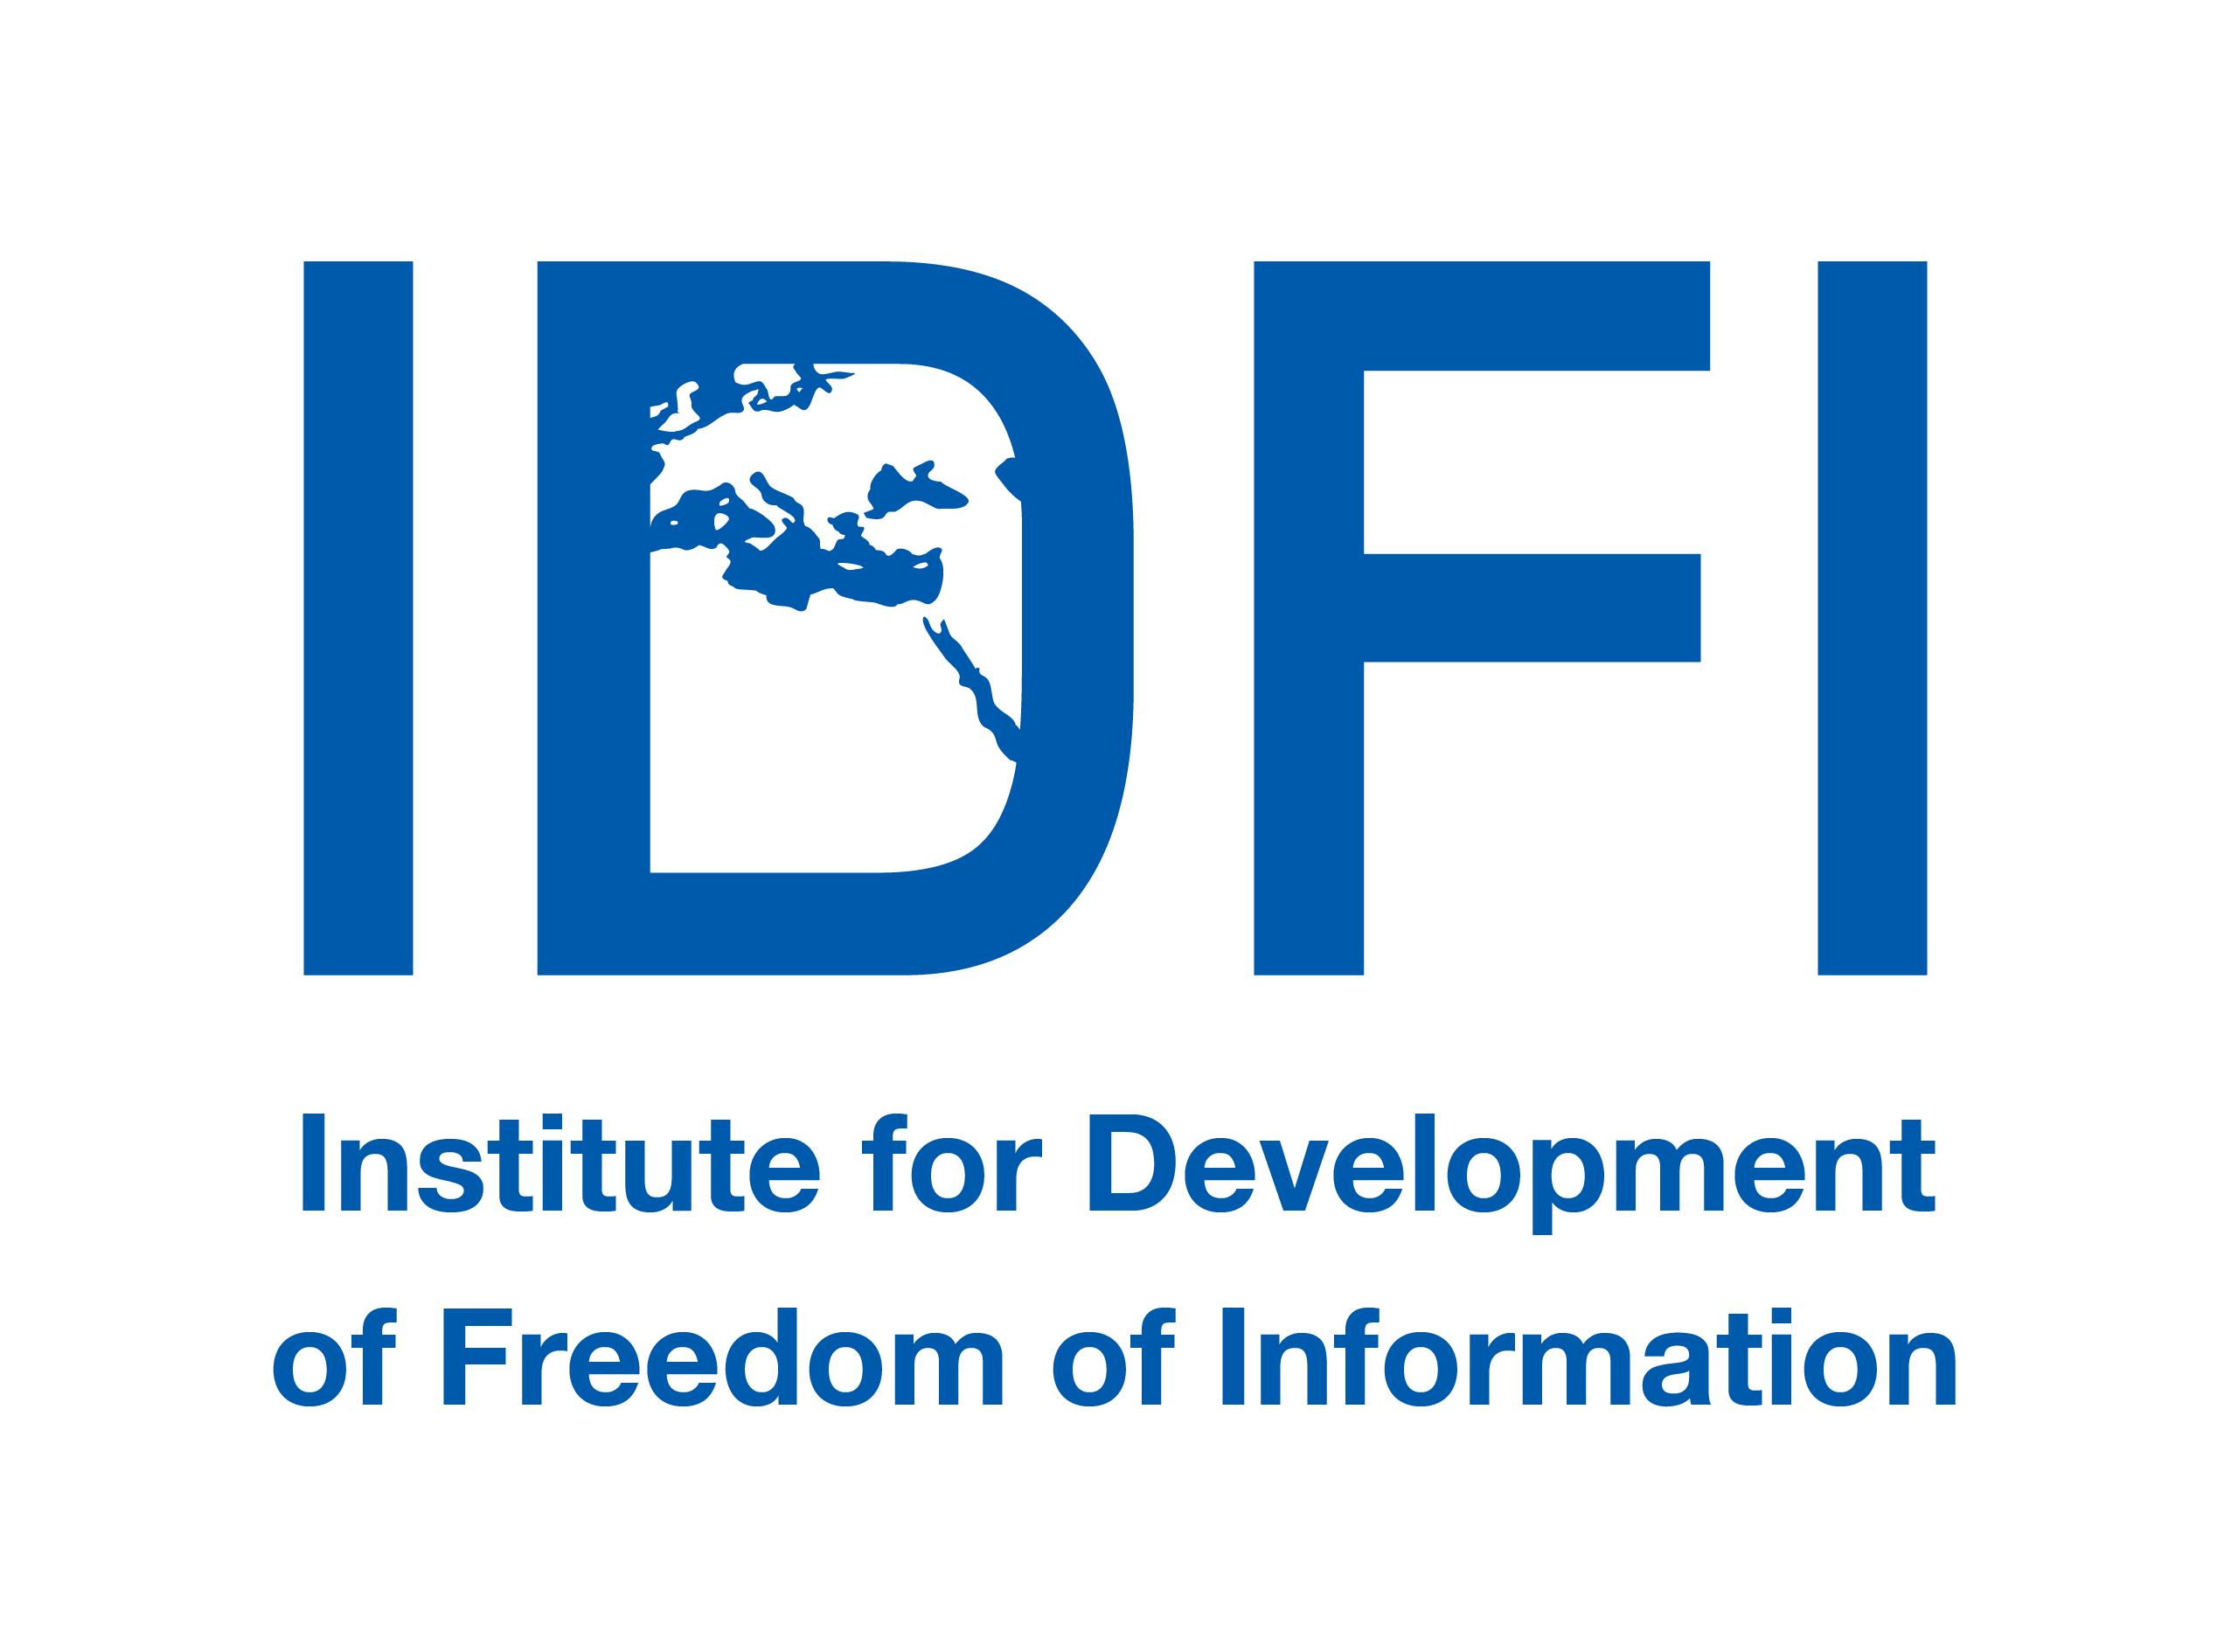 IDFI-მ სახელმწიფო ინსპექტორის სამსახურთან ერთად საჯარო დისკუსია გამართა